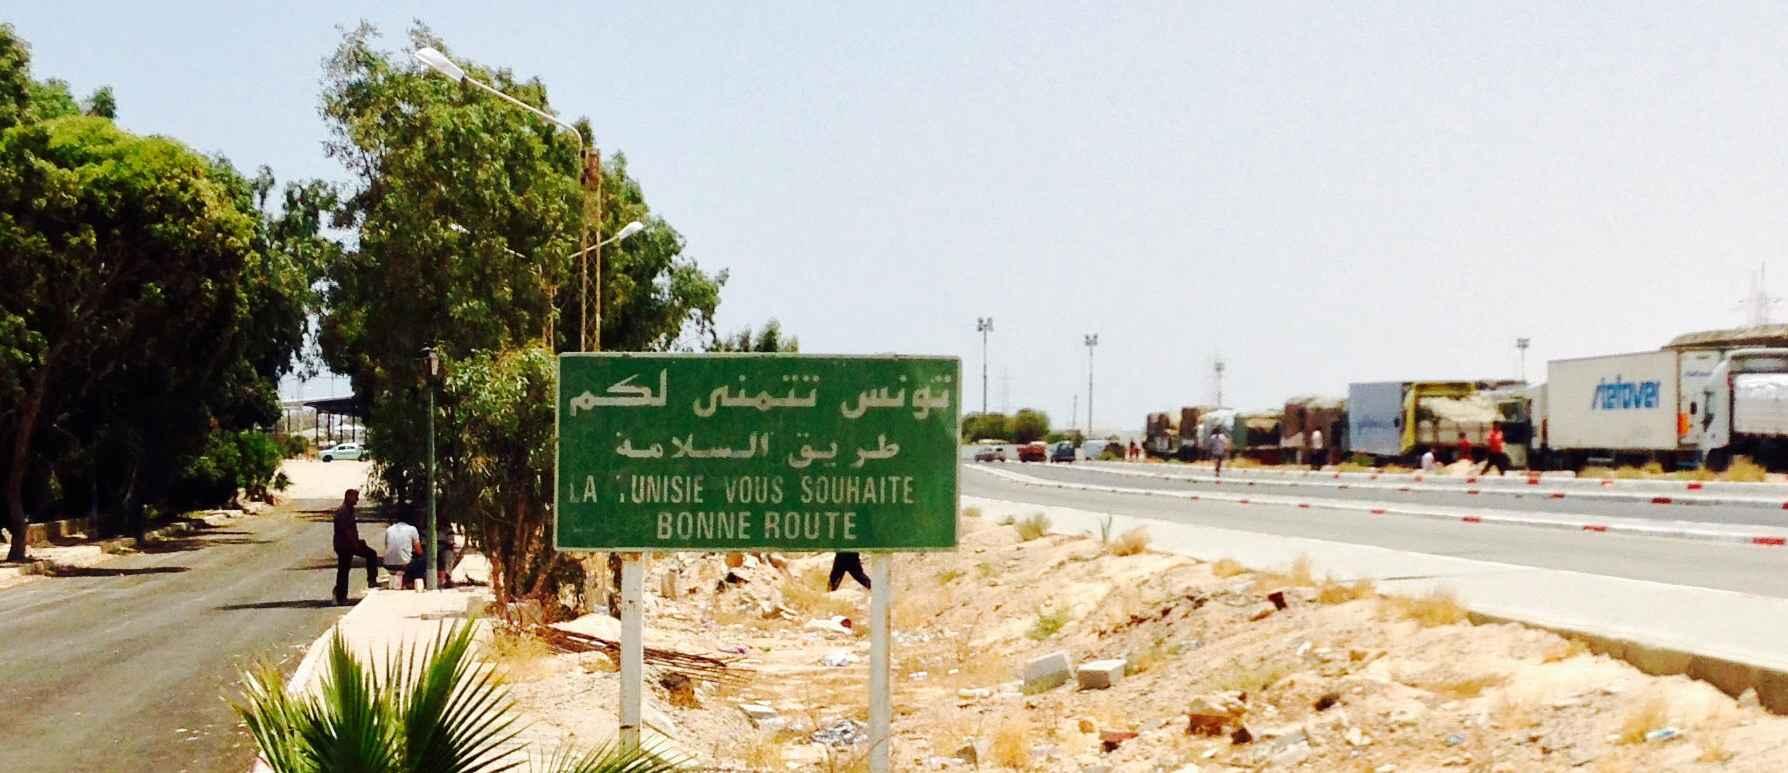 Les autorités tunisiennes recommandent désormais à leurs ressortissants de quitter la Libye. Image : F.A. / Intégrales Mag